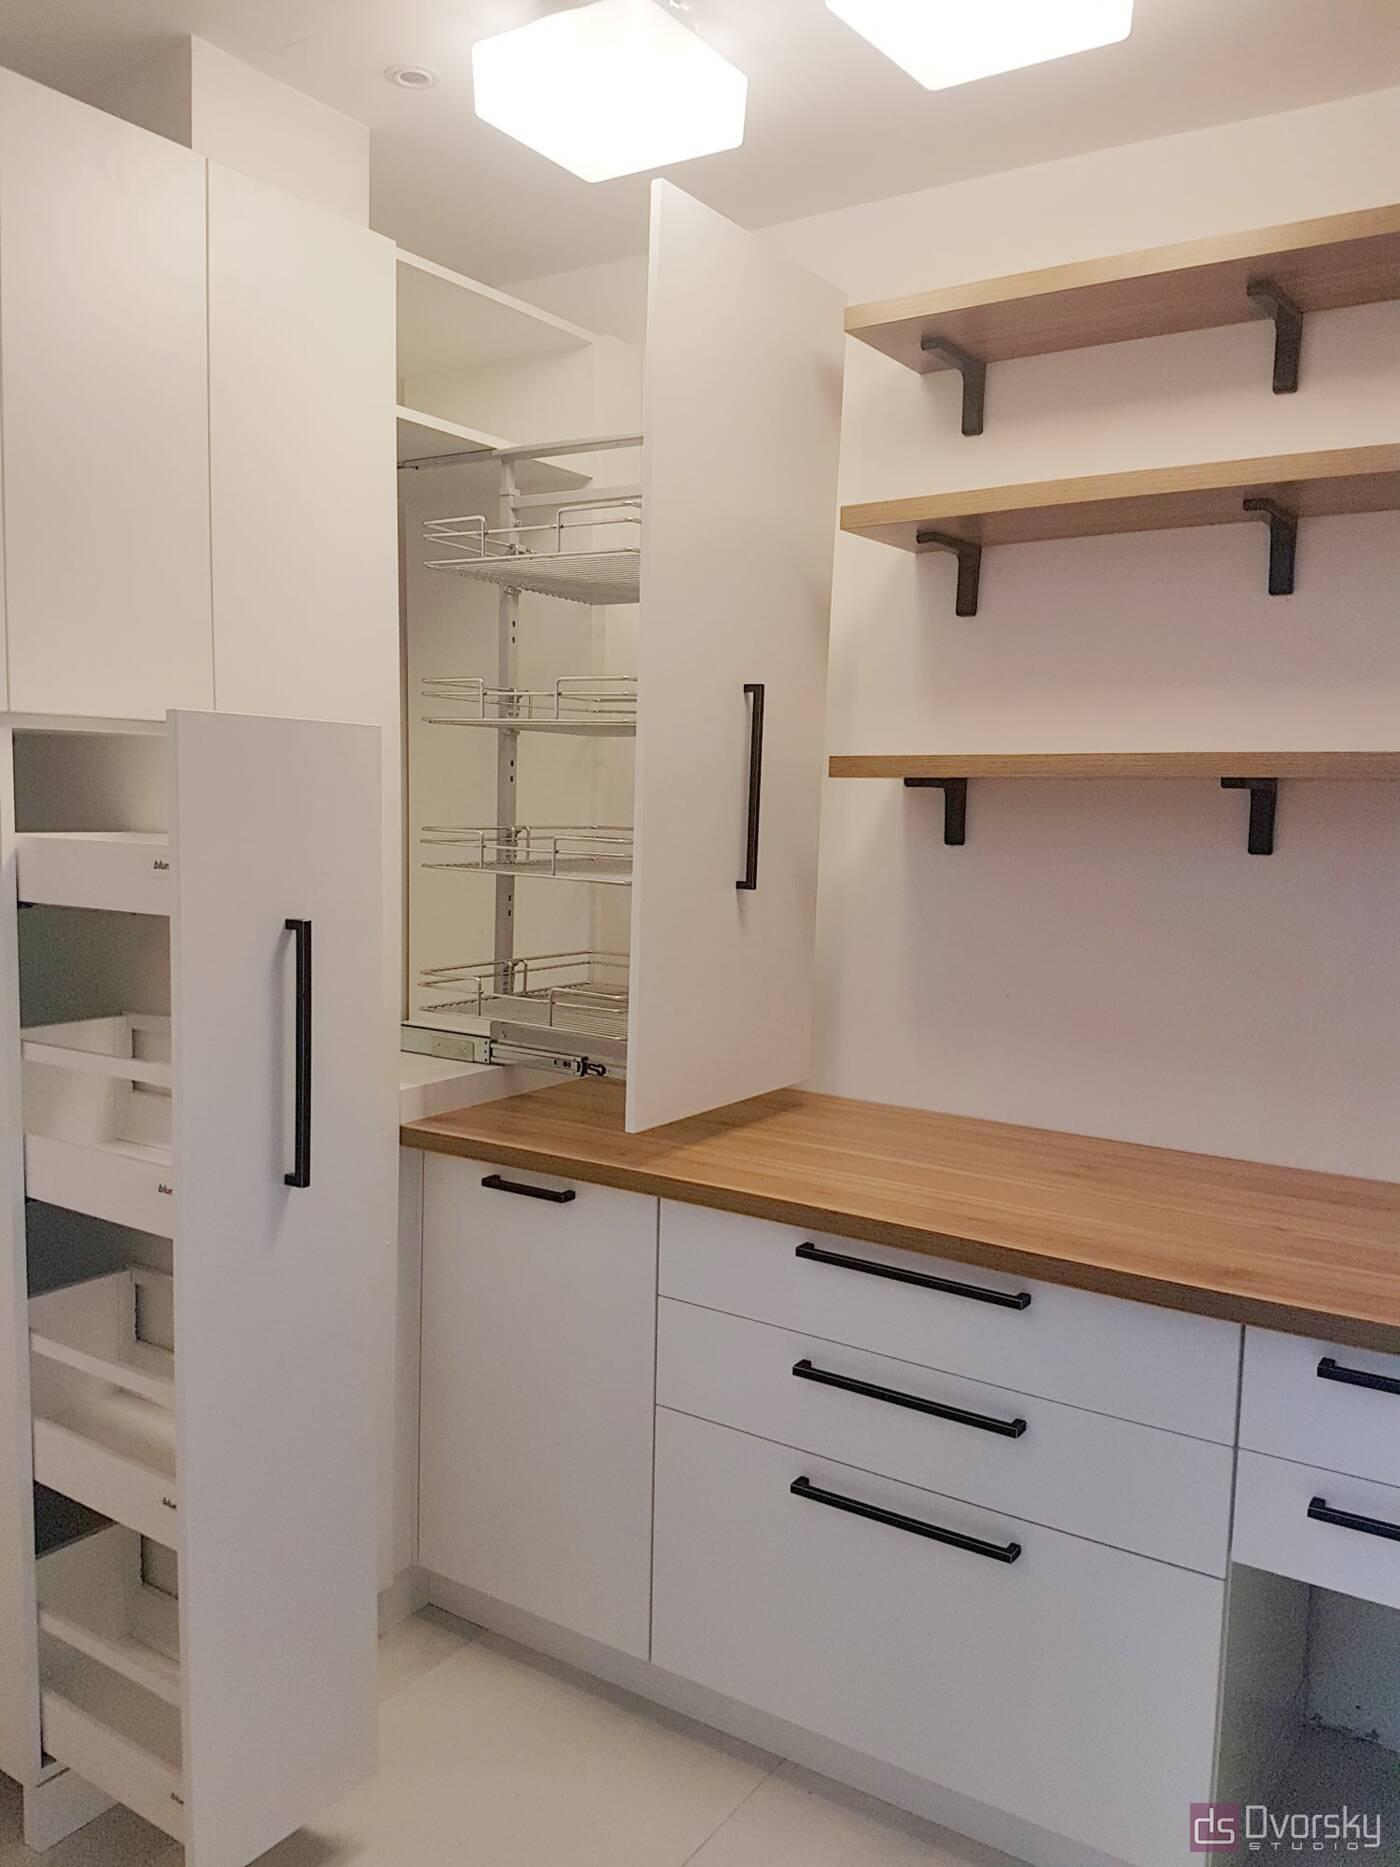 П - образные кухни Кухня для запасов - Фото № 2